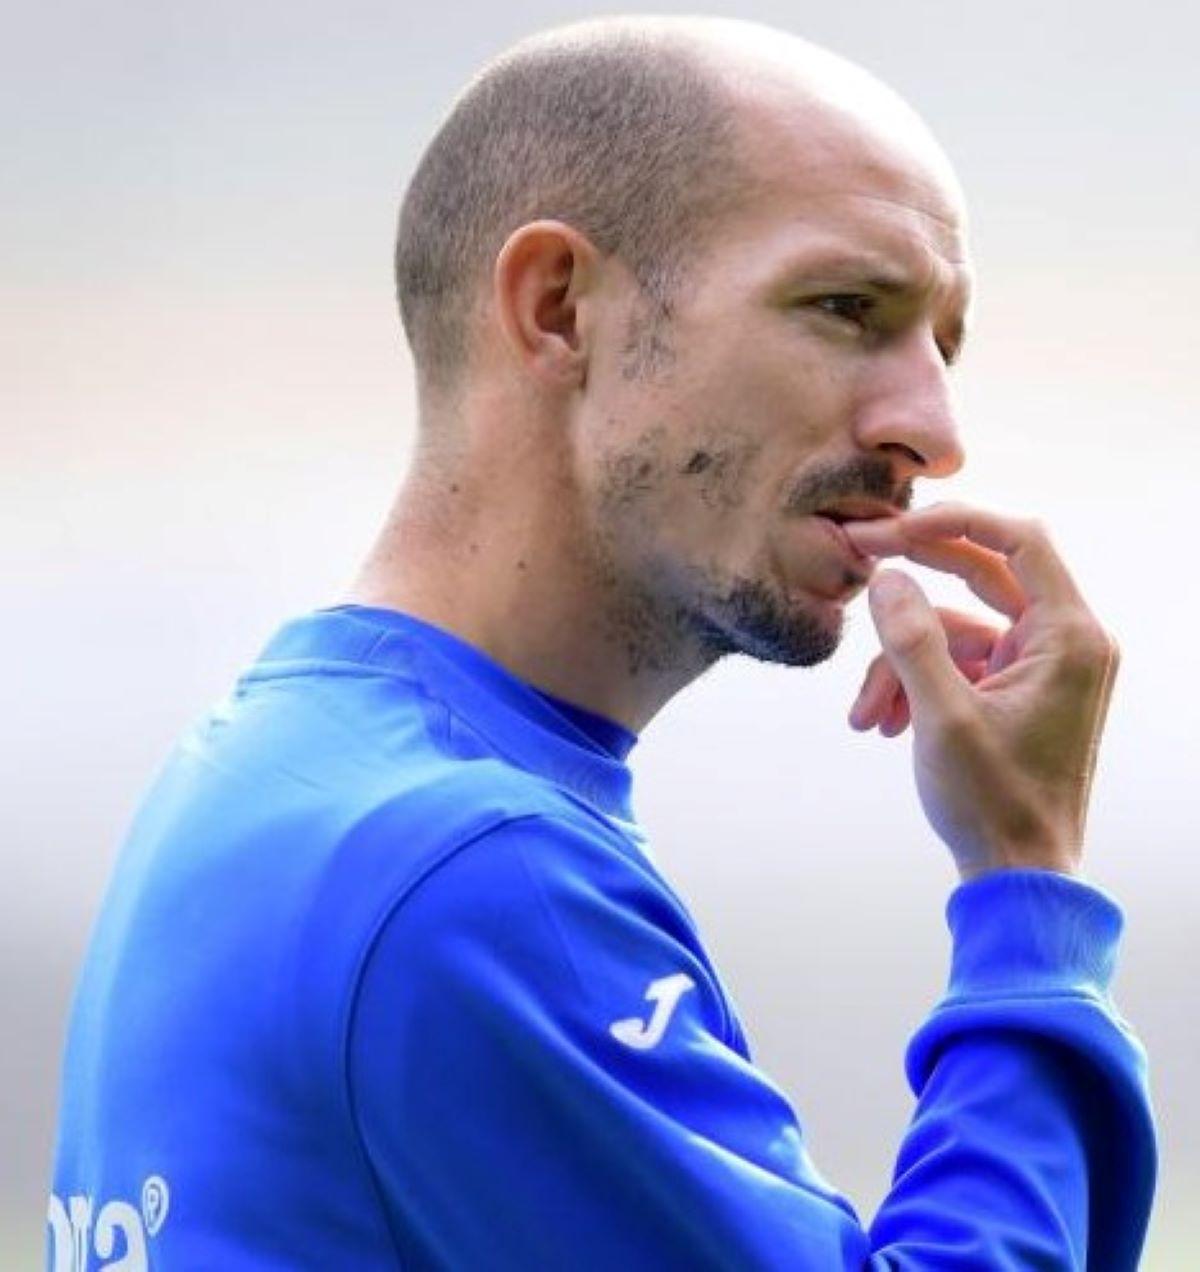 Franck Berrier Morto Lutto Calcio Attacco Cardiaco Partita Padel